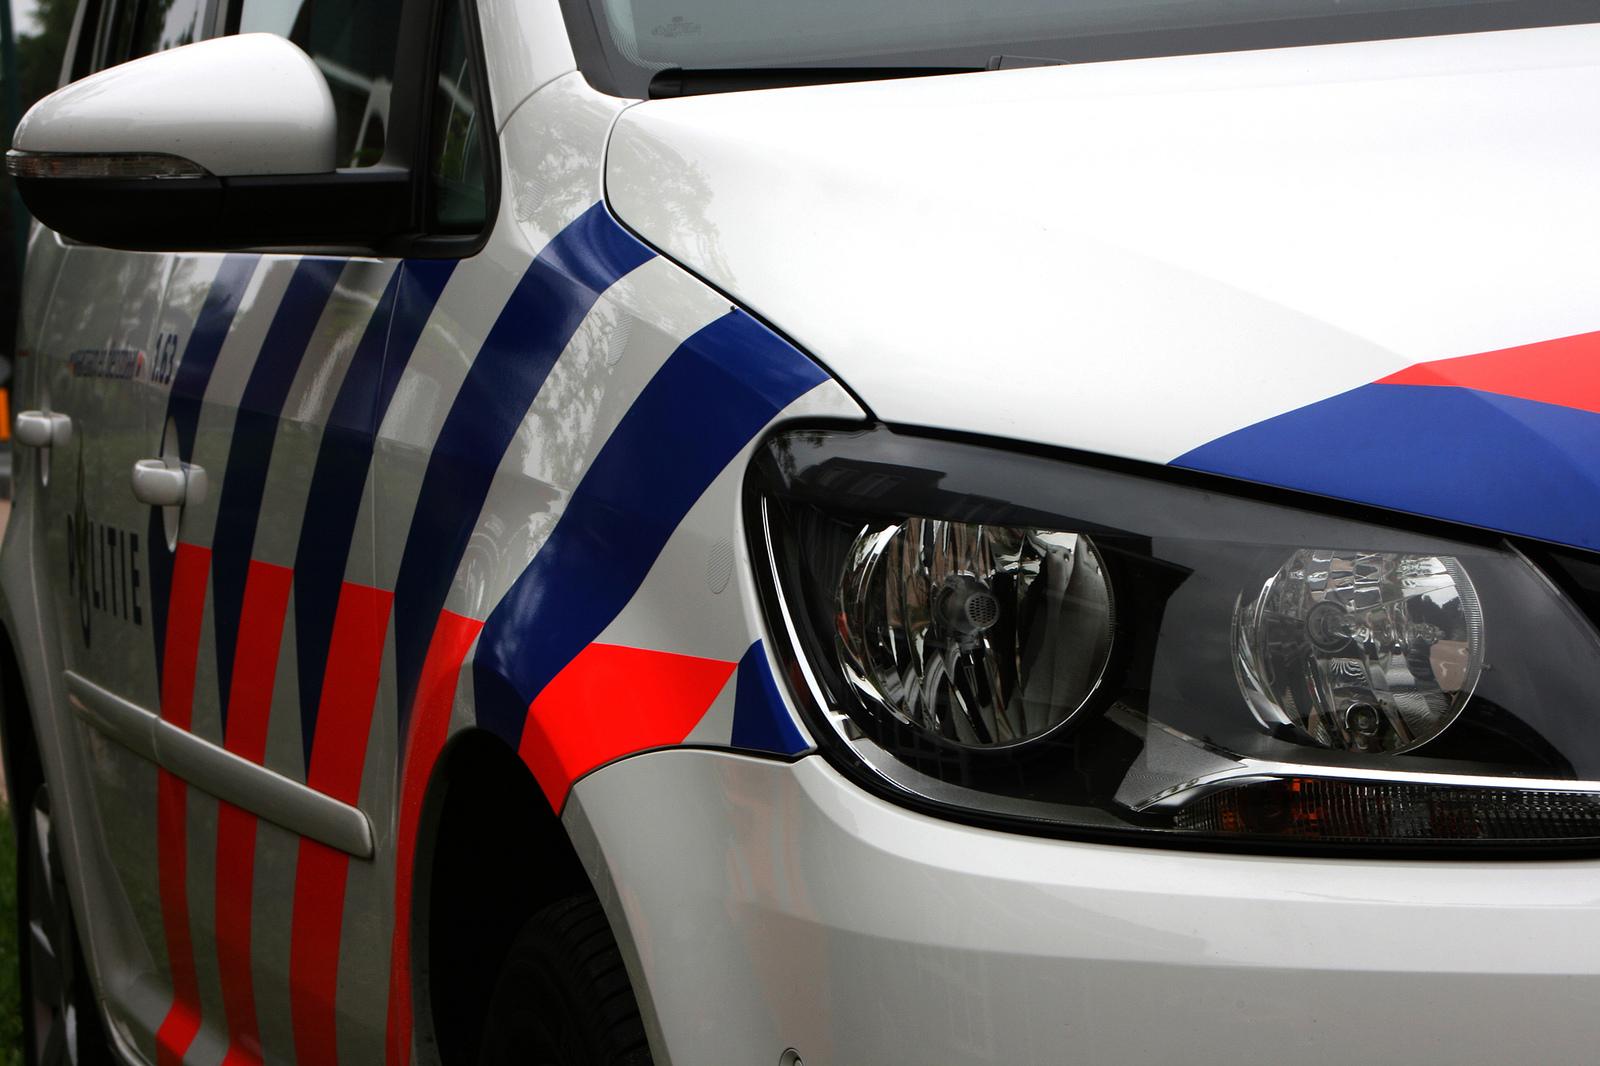 Leden van motorclub Hardliners uit Hoorn, Zwaag en Opmeer aangehouden - OnsWestfriesland.nl